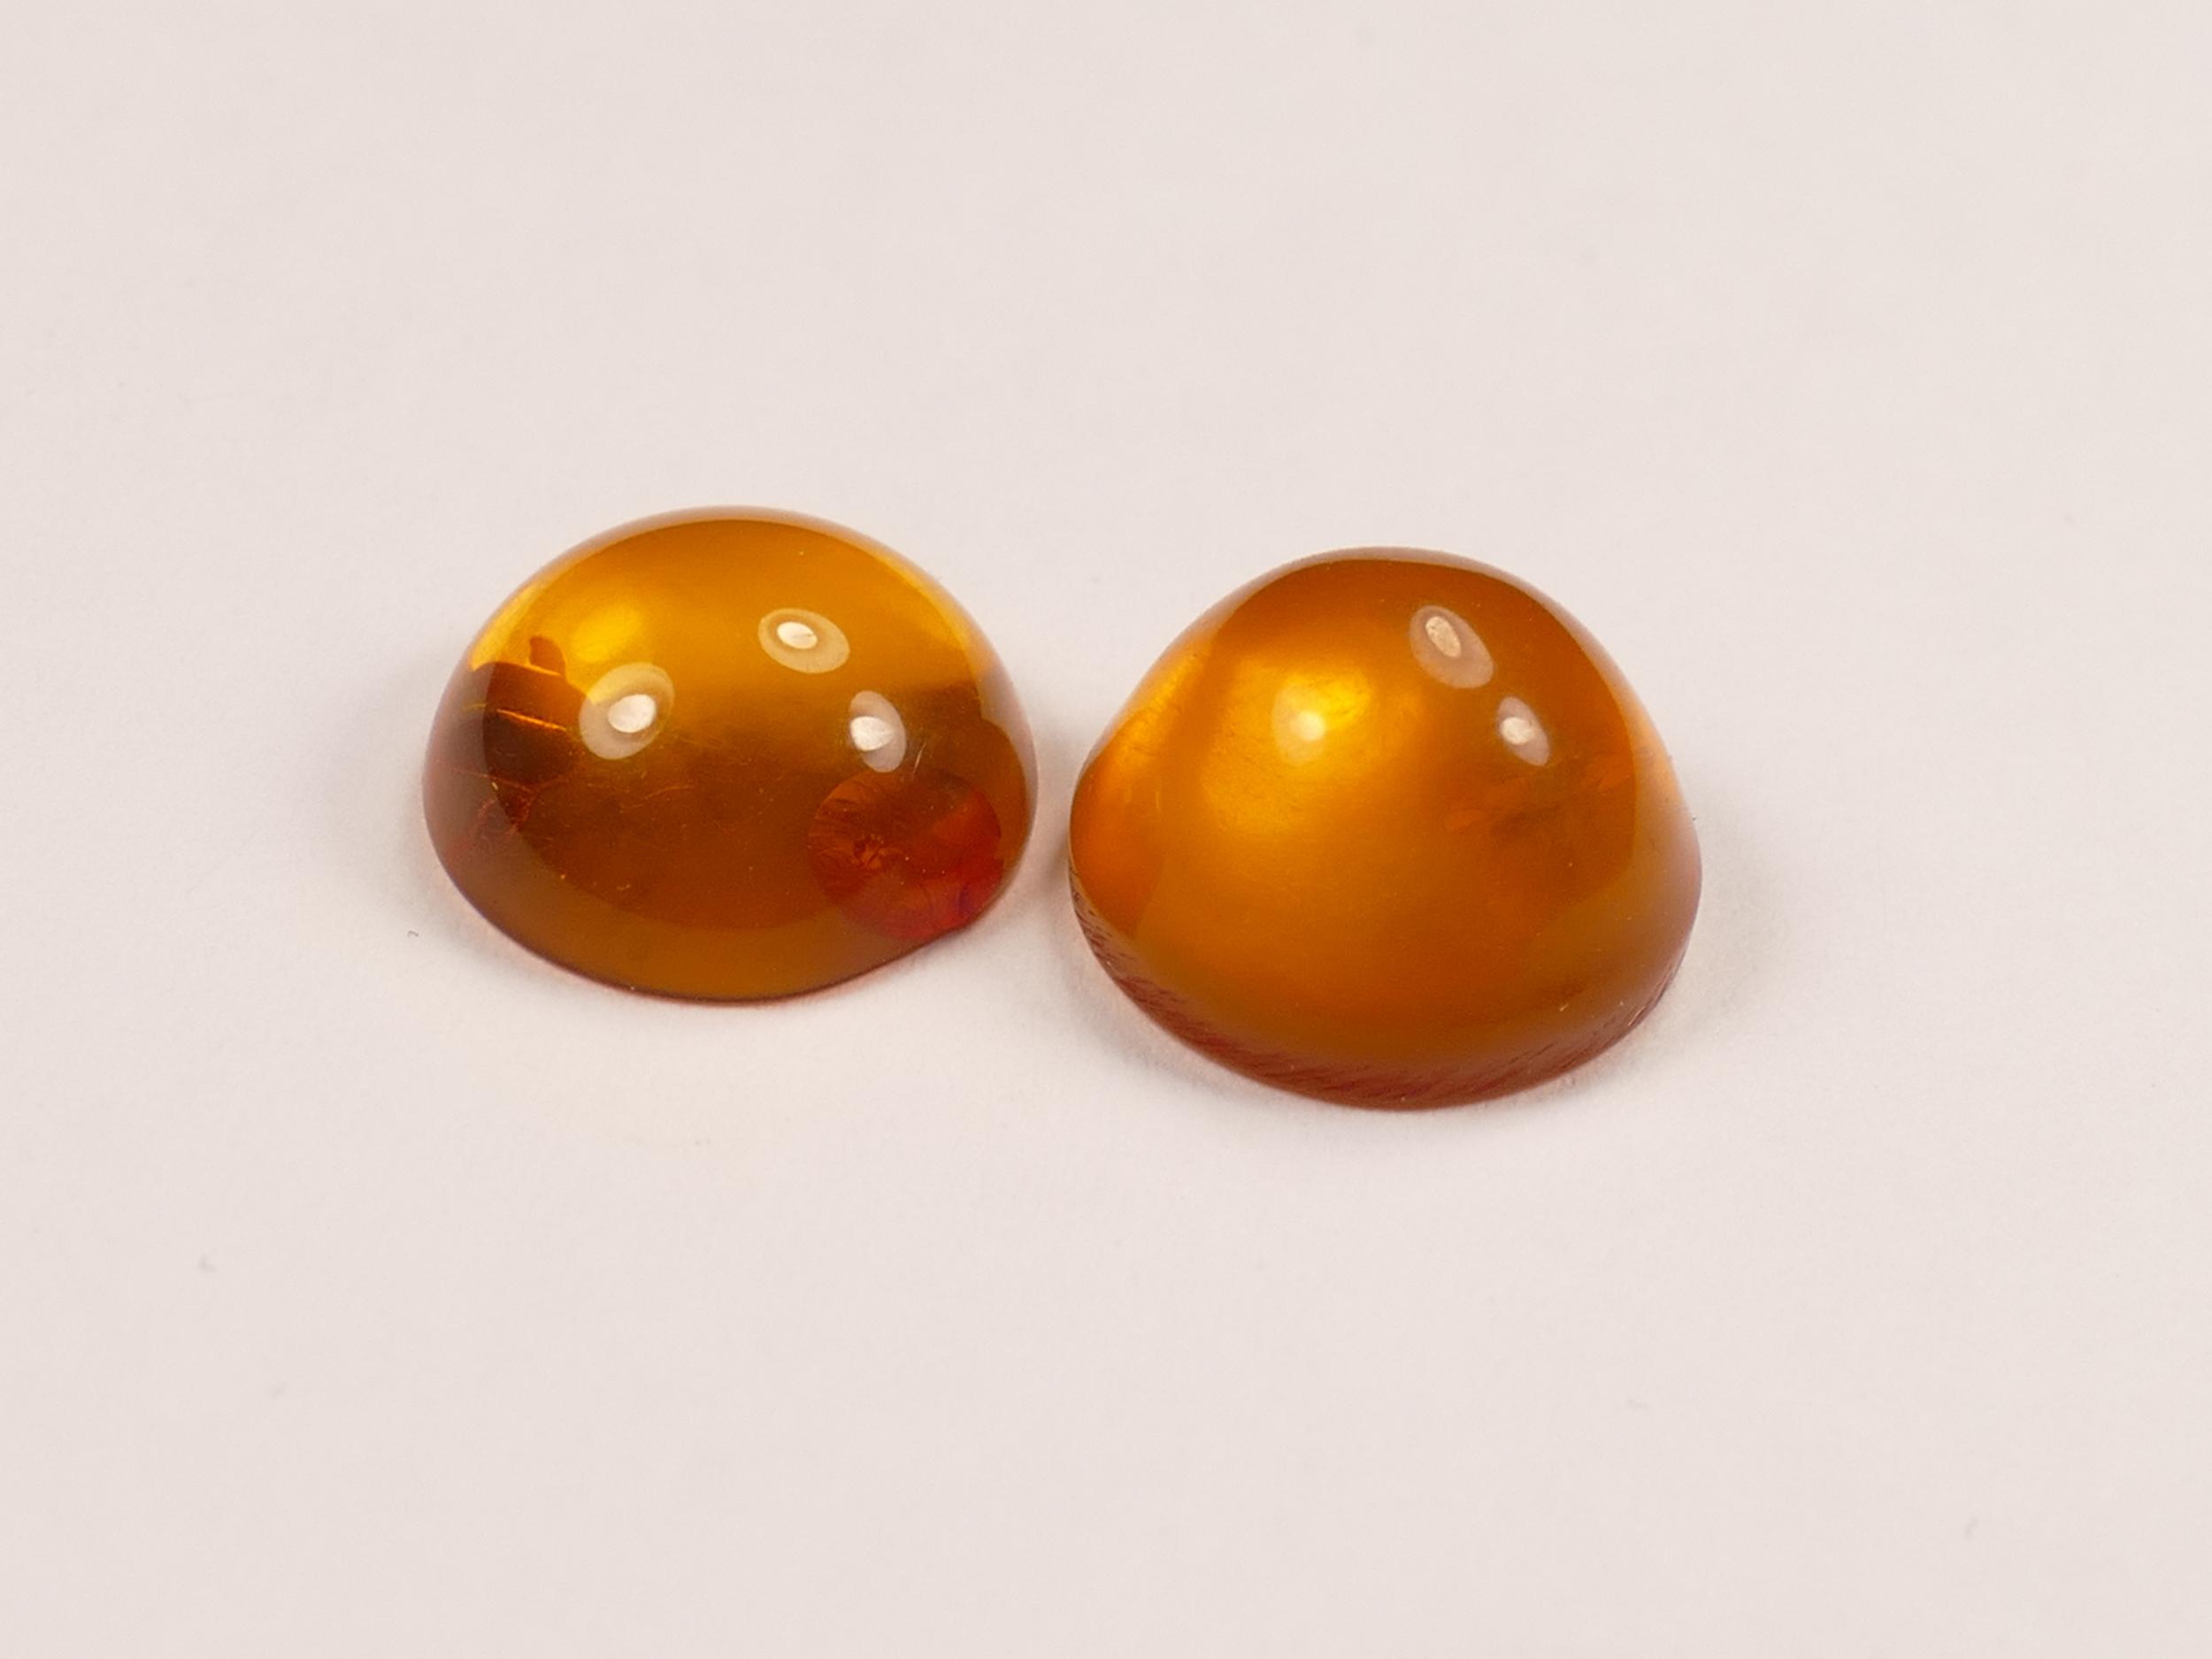 10mm Lot de 2 Ambre naturel natif de la Mer Baltique en cabochon rond orange miel UV (#PK89)